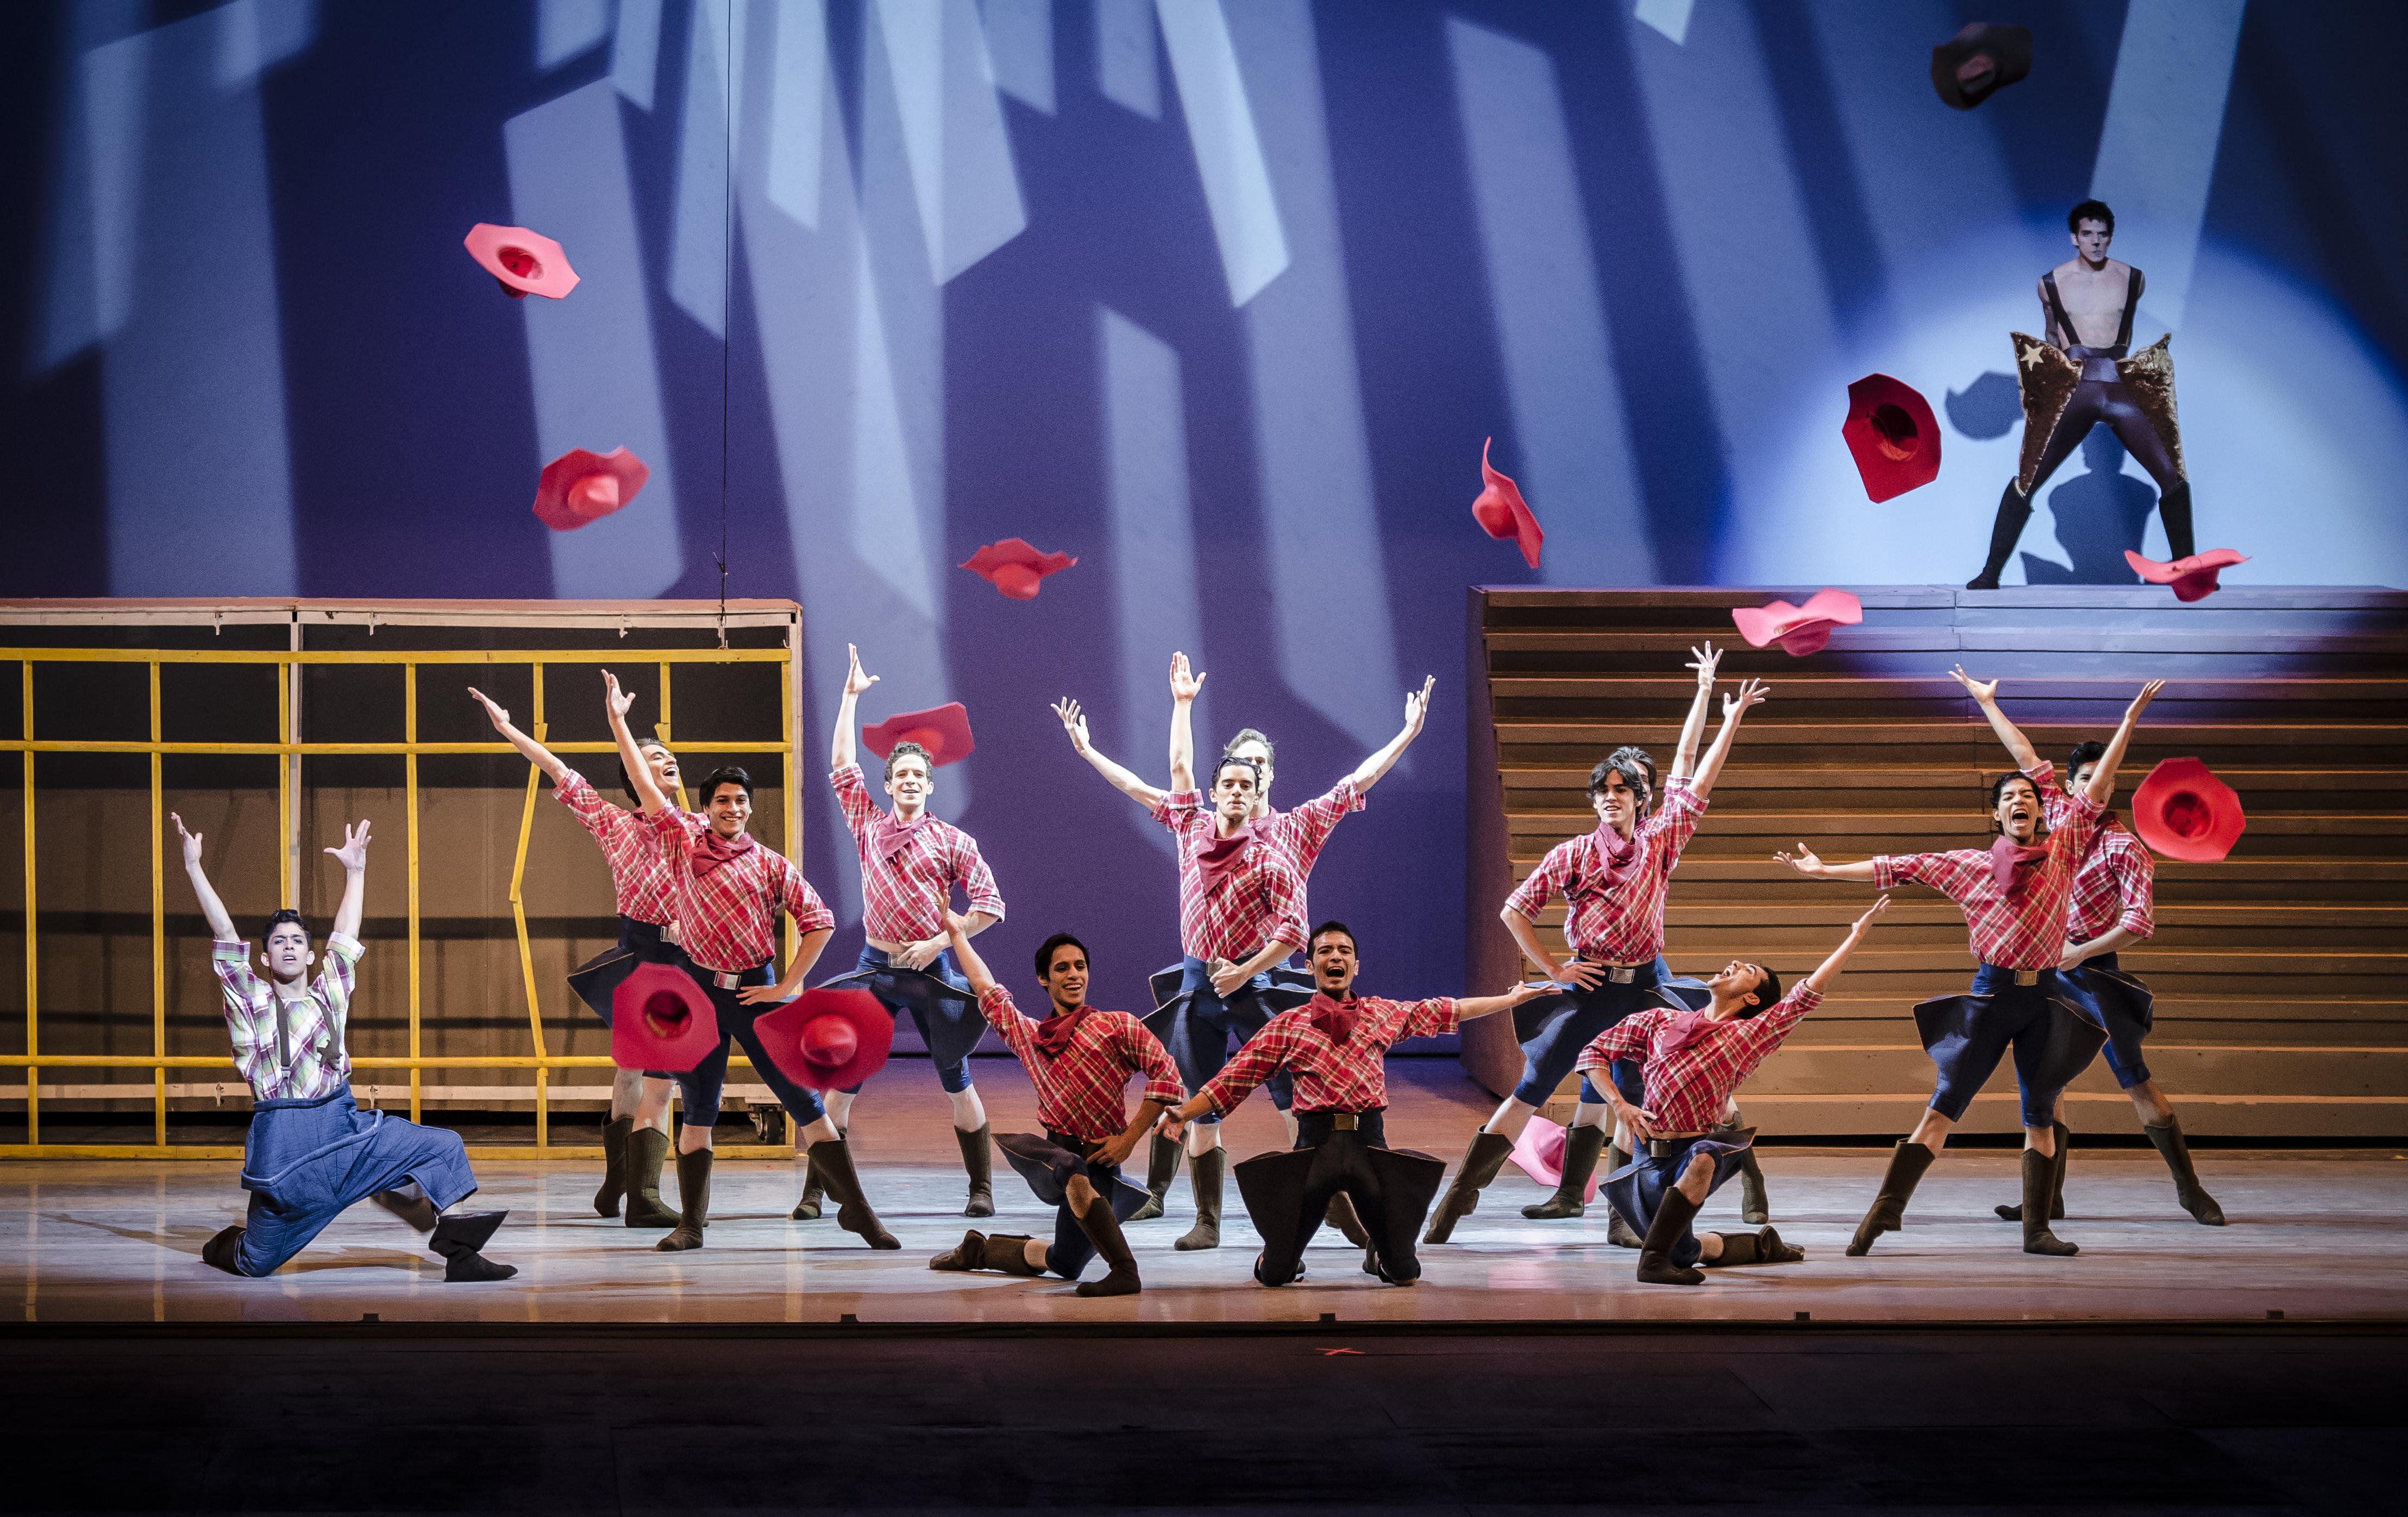 La Compañía Nacional de Danza presentará Cri-Crien el Palacio de Bellas Artes